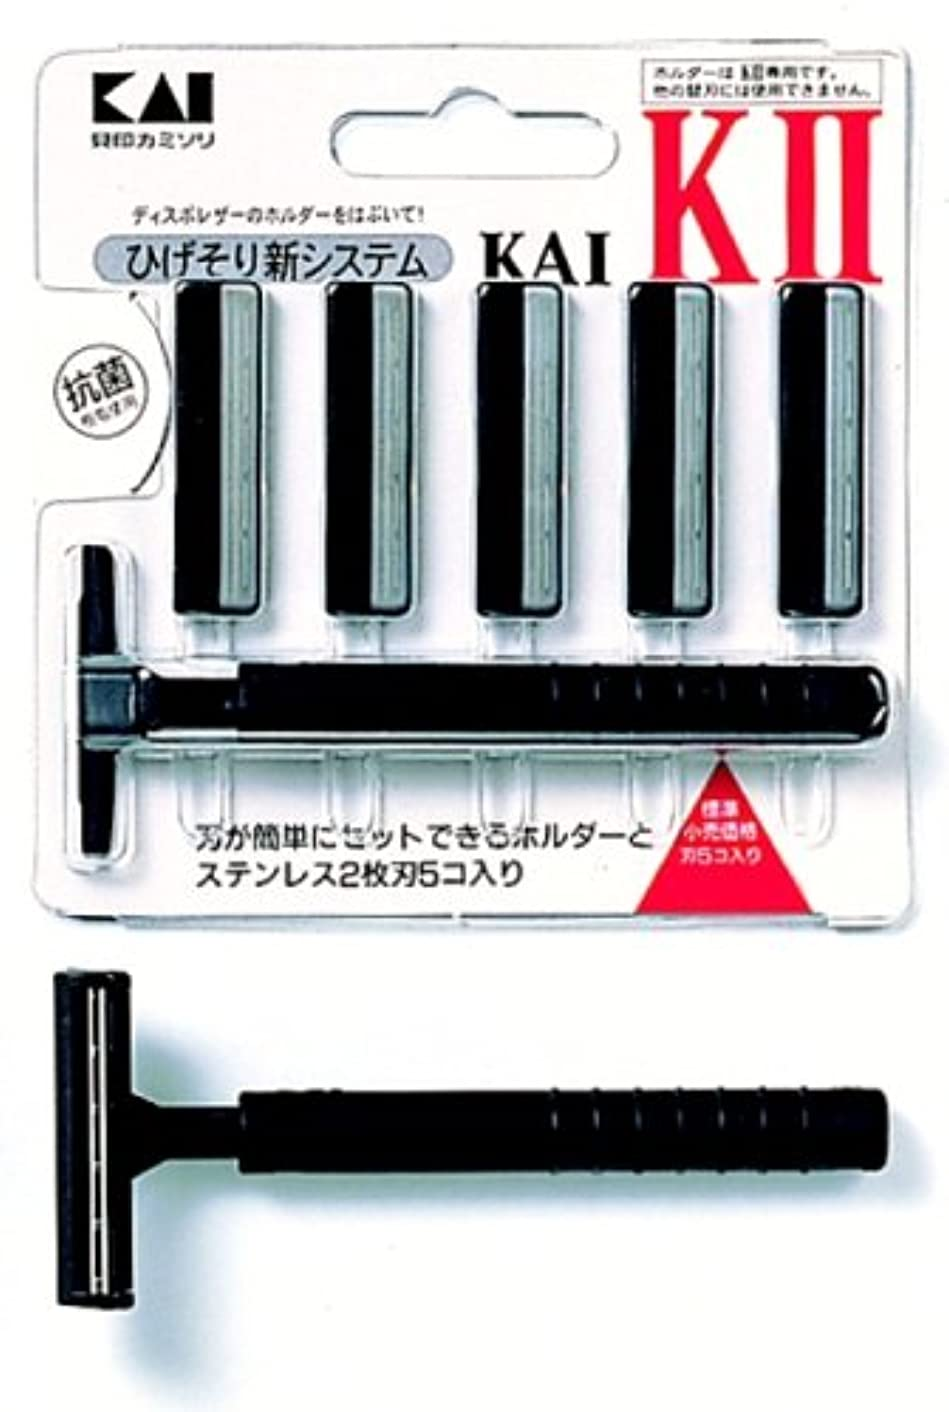 フェンス超えるファンドカミソリ KAI-K2 K2-5